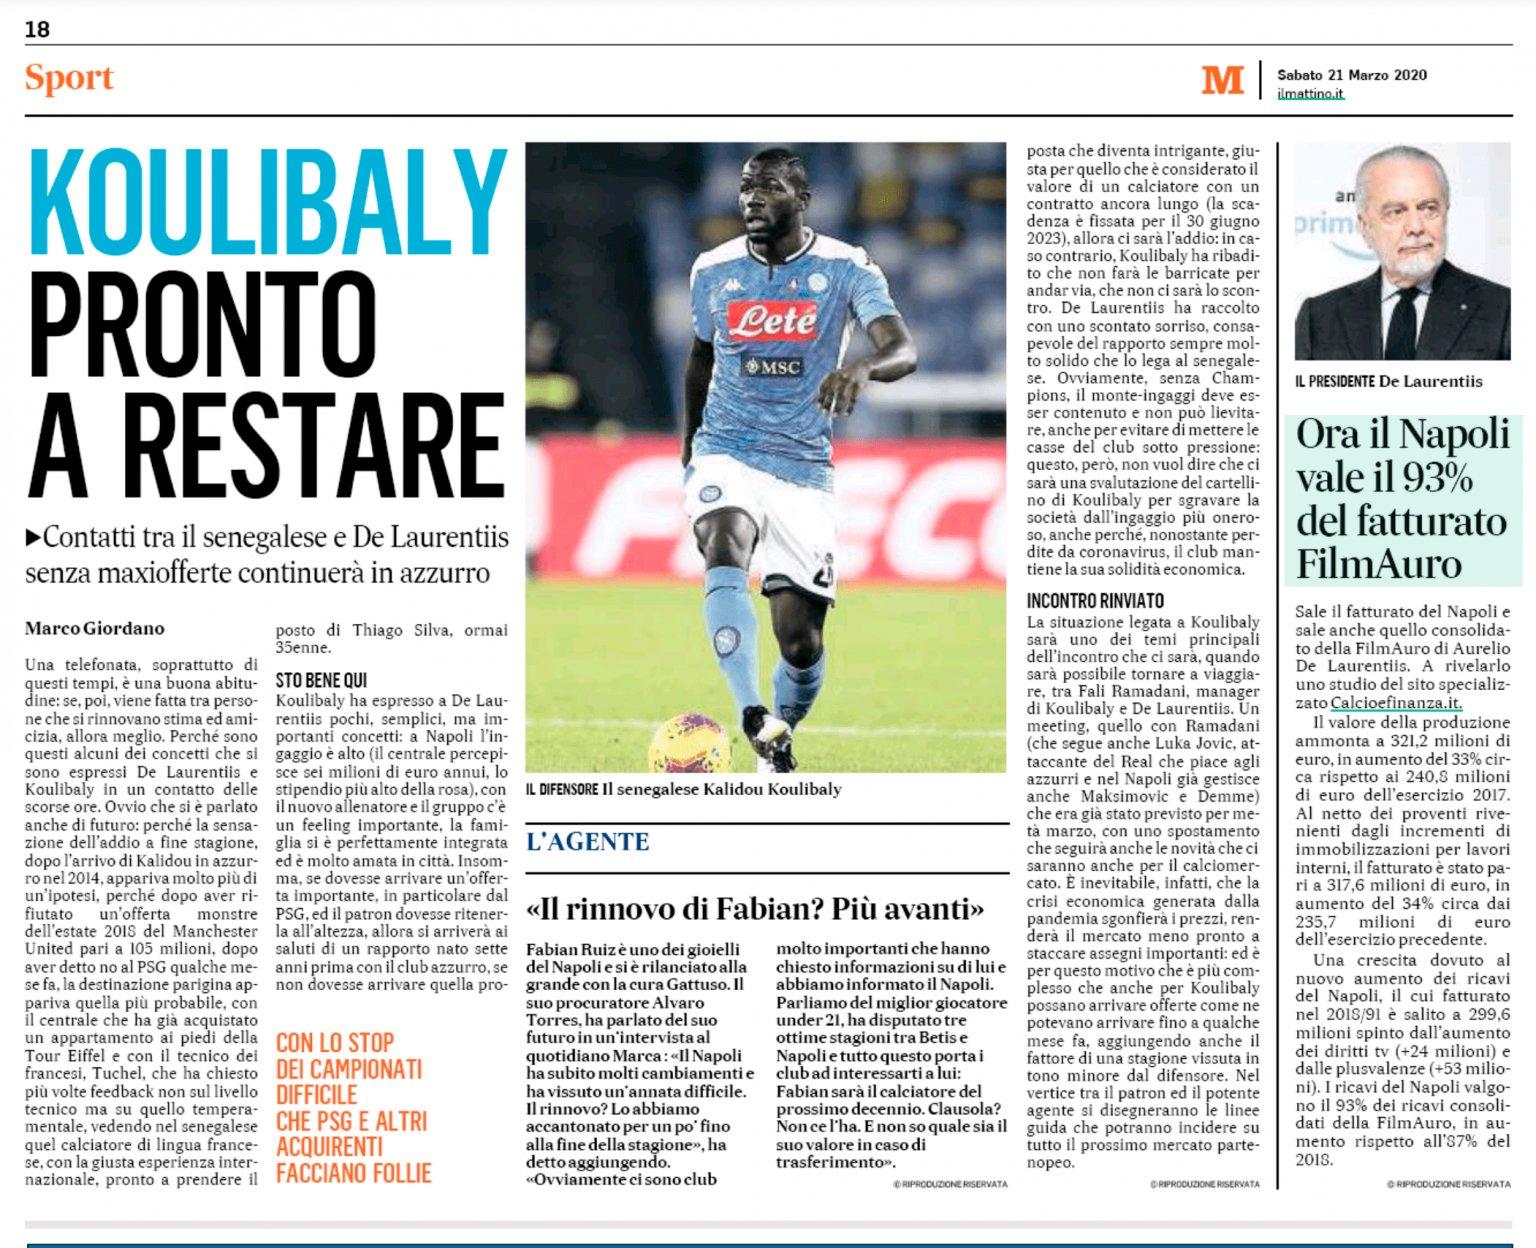 Kalidou Koulibaly happy to stay at Napoli despite Manchester United interest - Bóng Đá